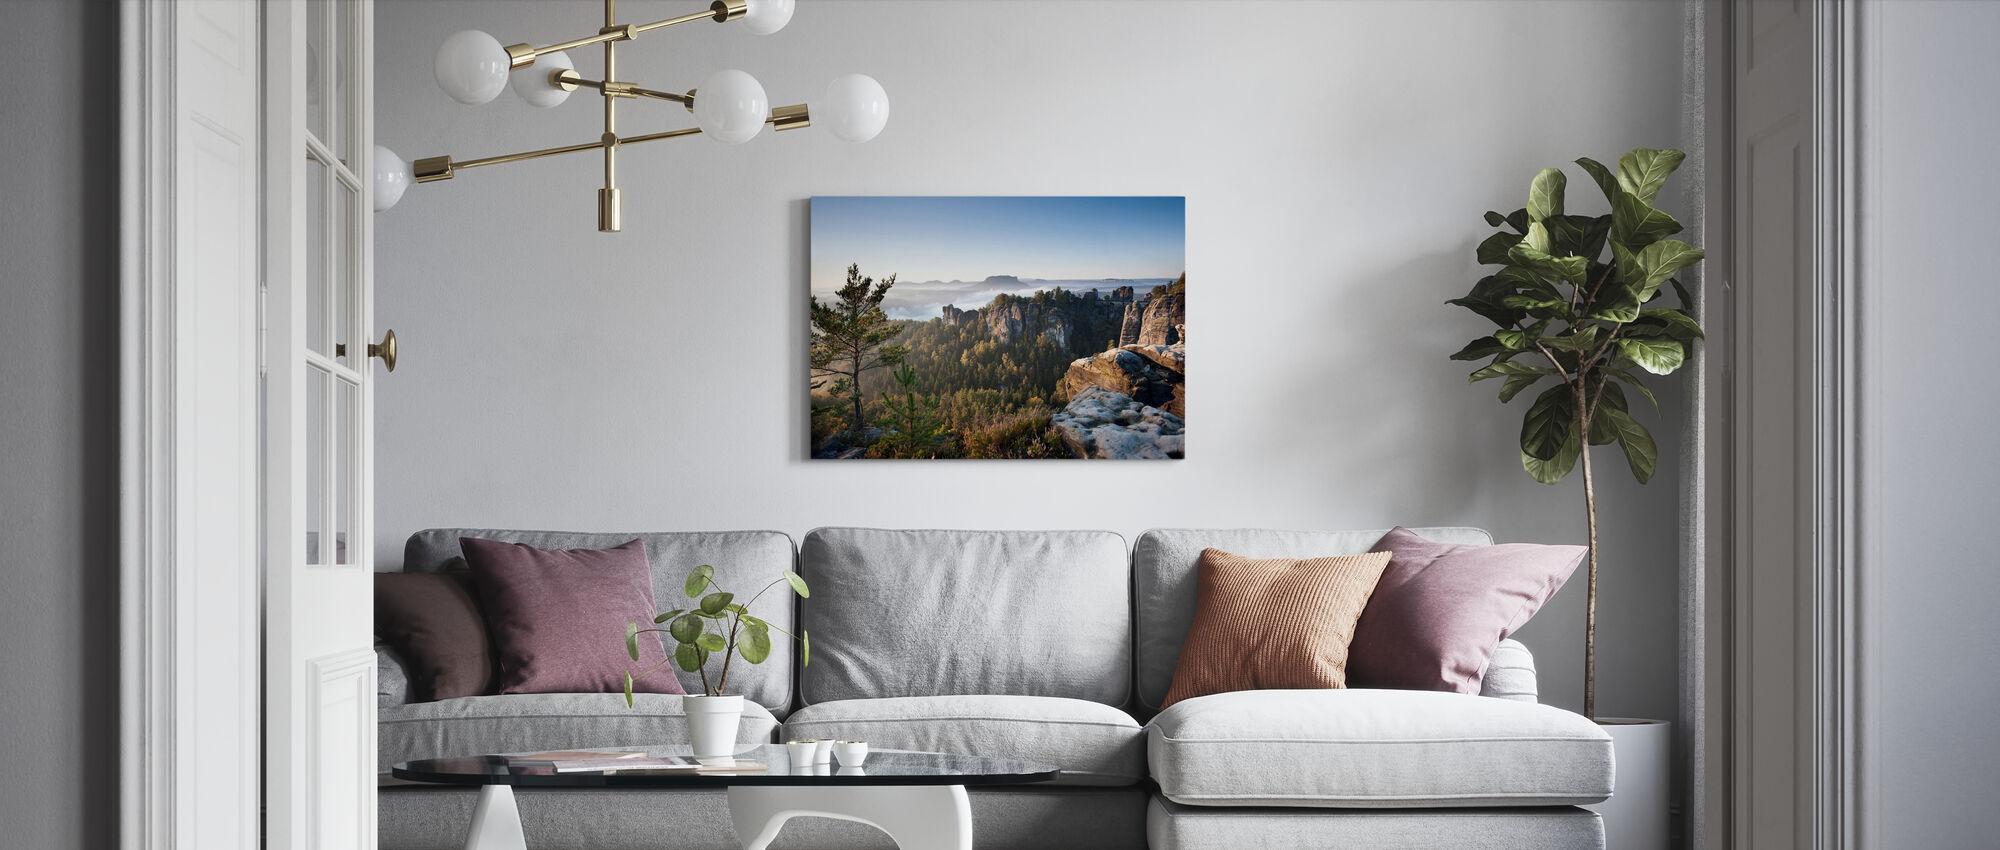 Ochtend in de Bastei - Canvas print - Woonkamer